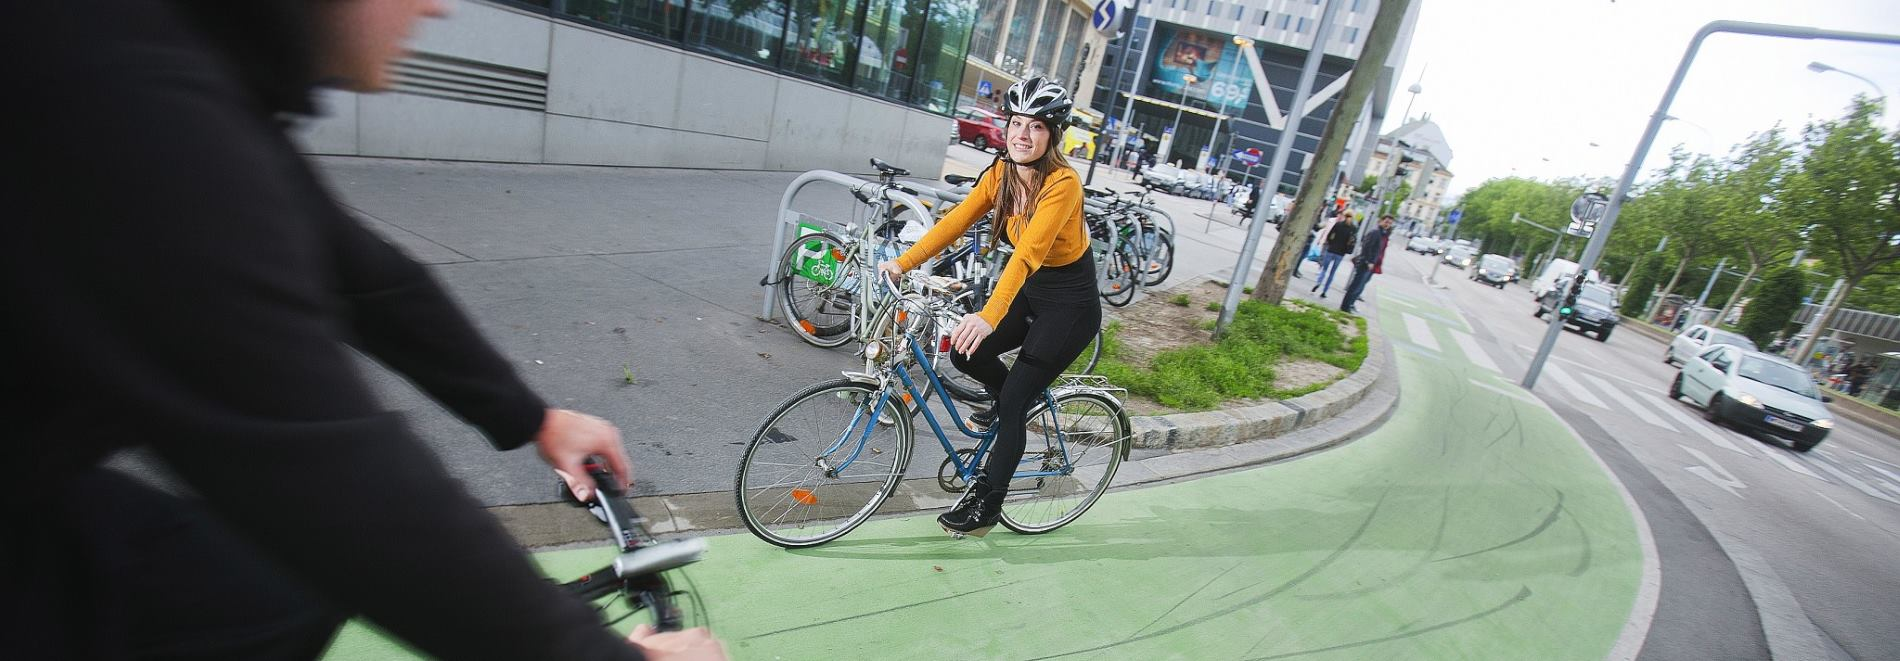 DANI BEČA Urban mobility jedna je od tema konferencije koja će se održati u Zagrebu